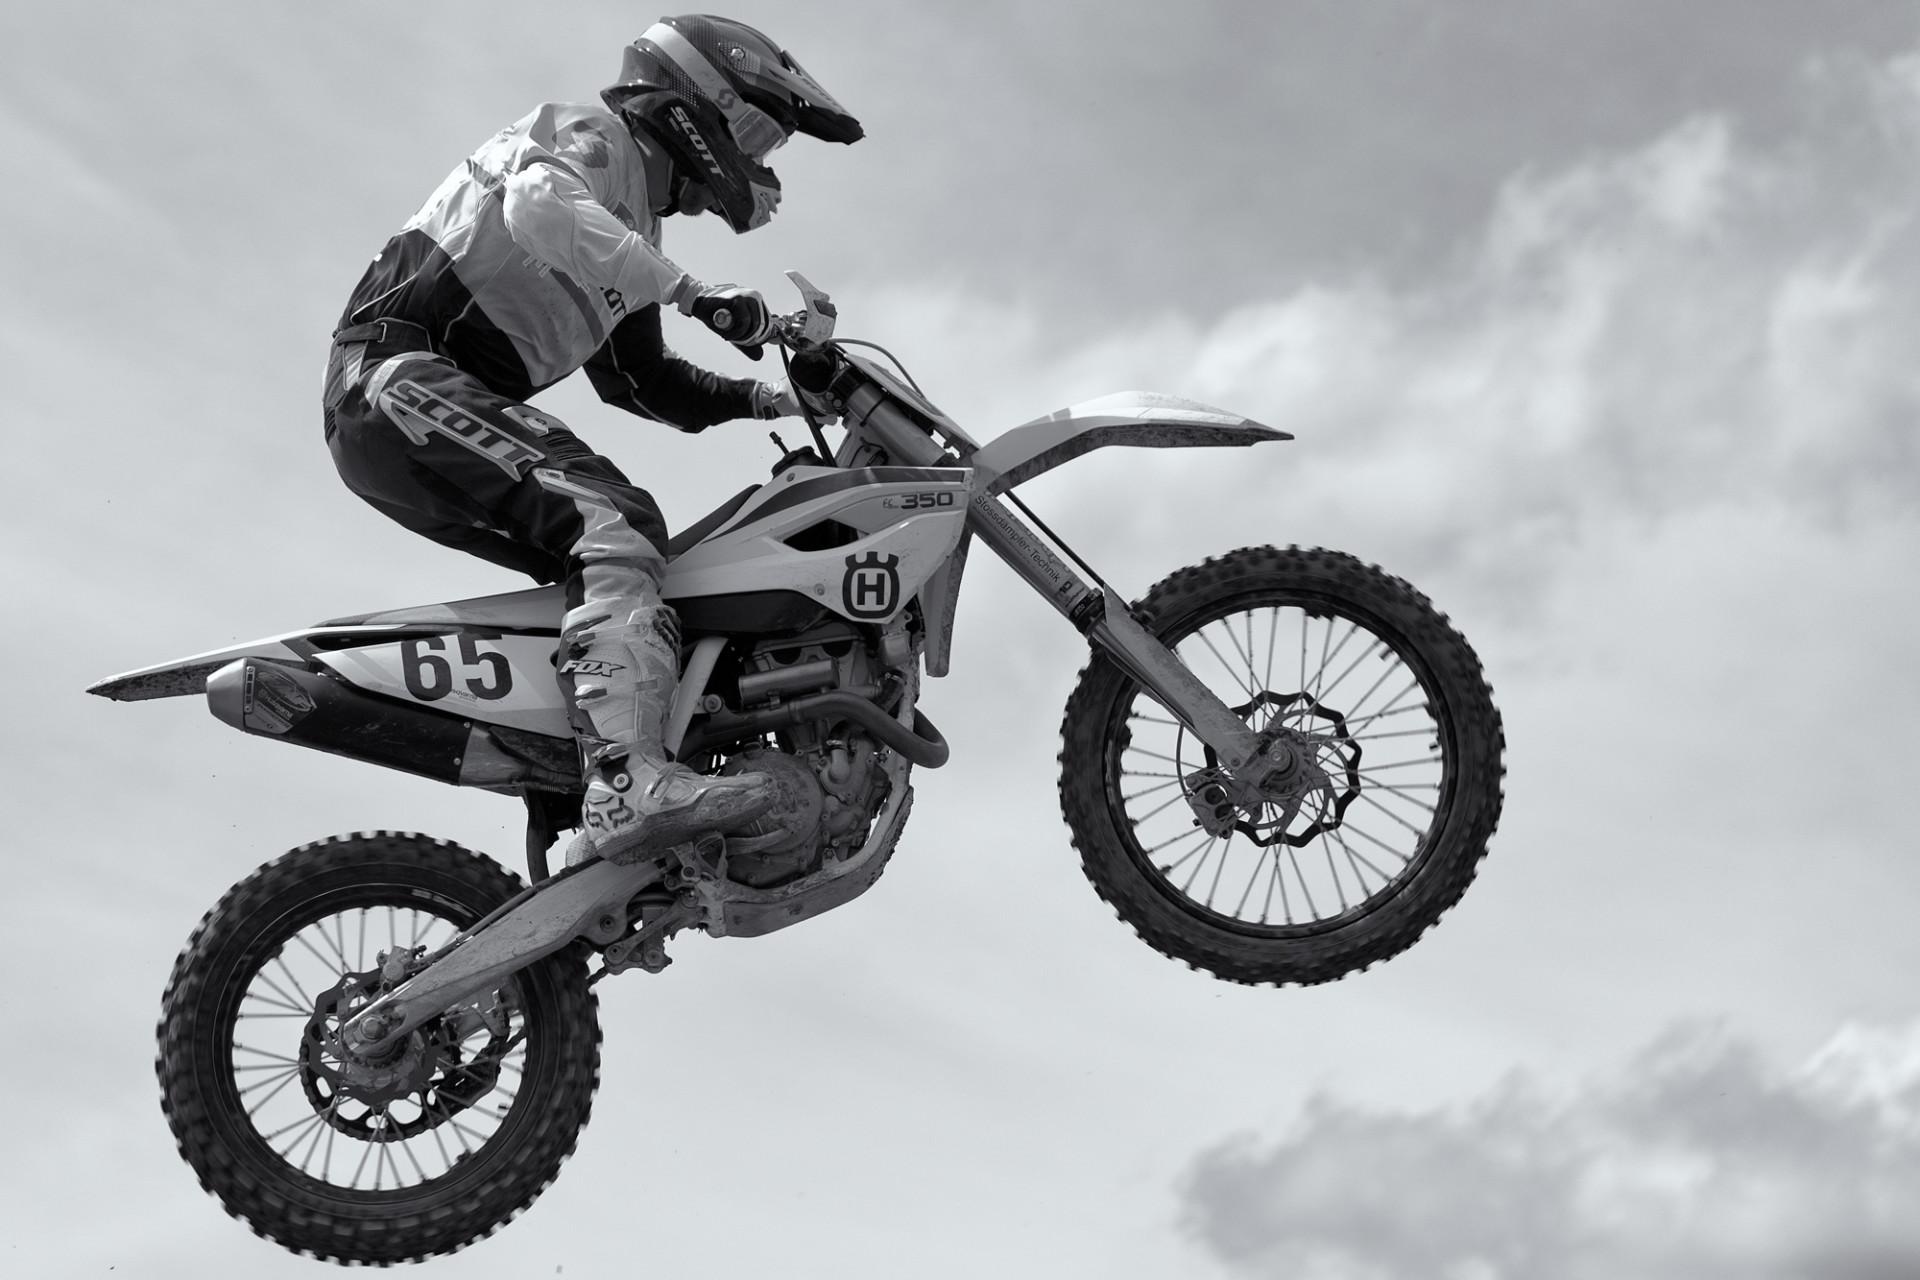 Motocross-Schlatt_20150426_1513-web